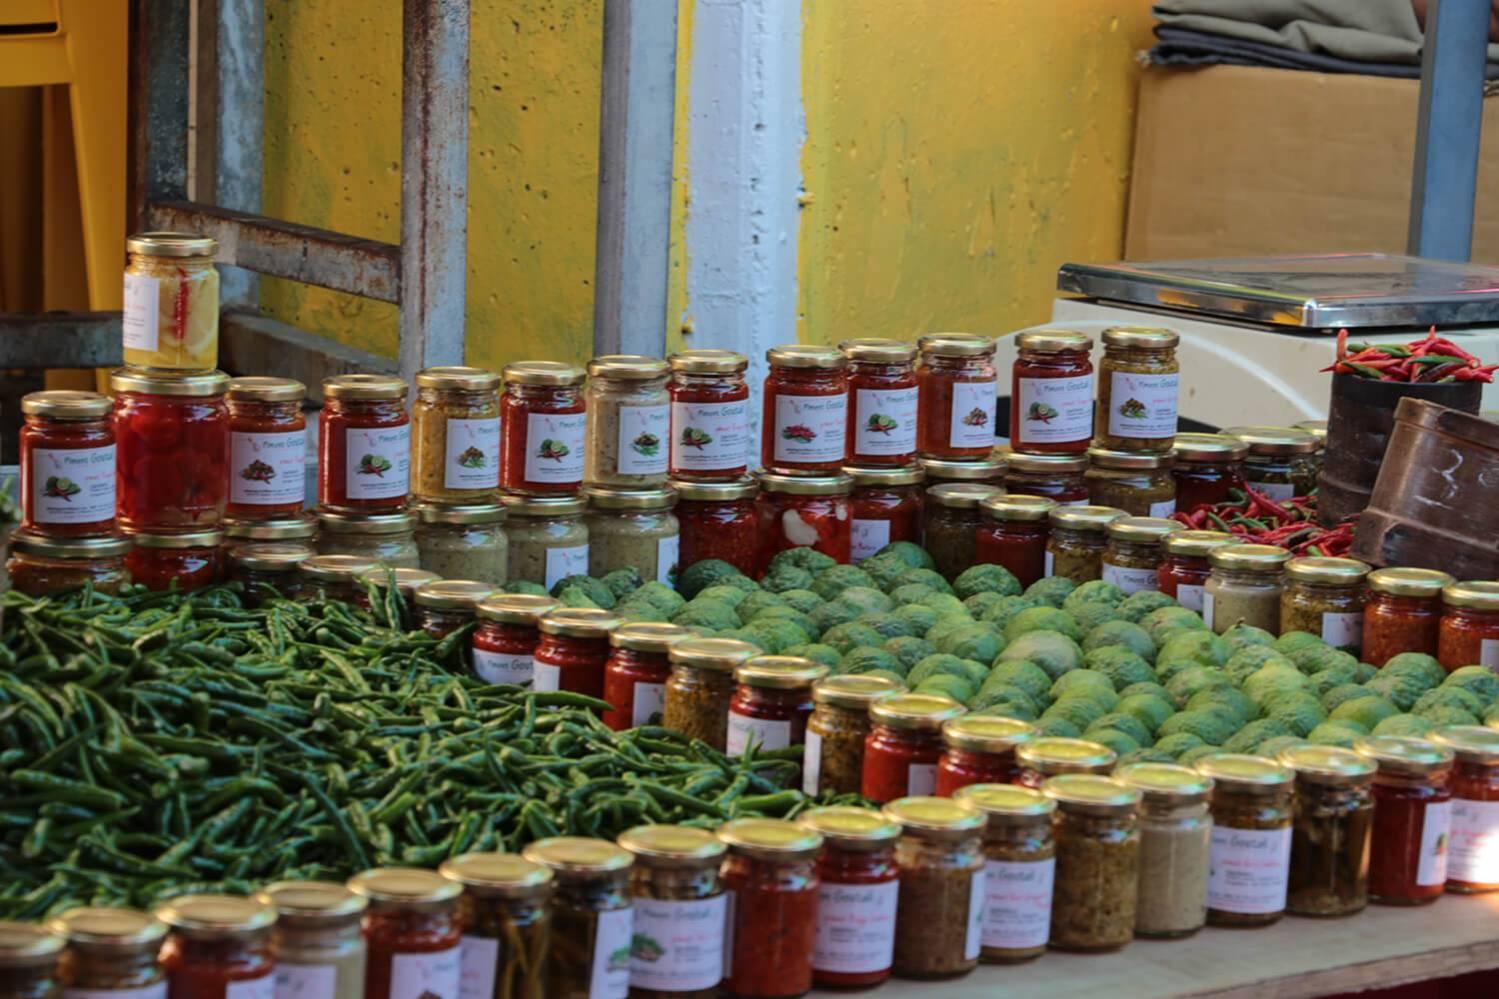 piments et combavas au marché de Saint-Gilles-les-Bains à l'Ile de La Réunion 974